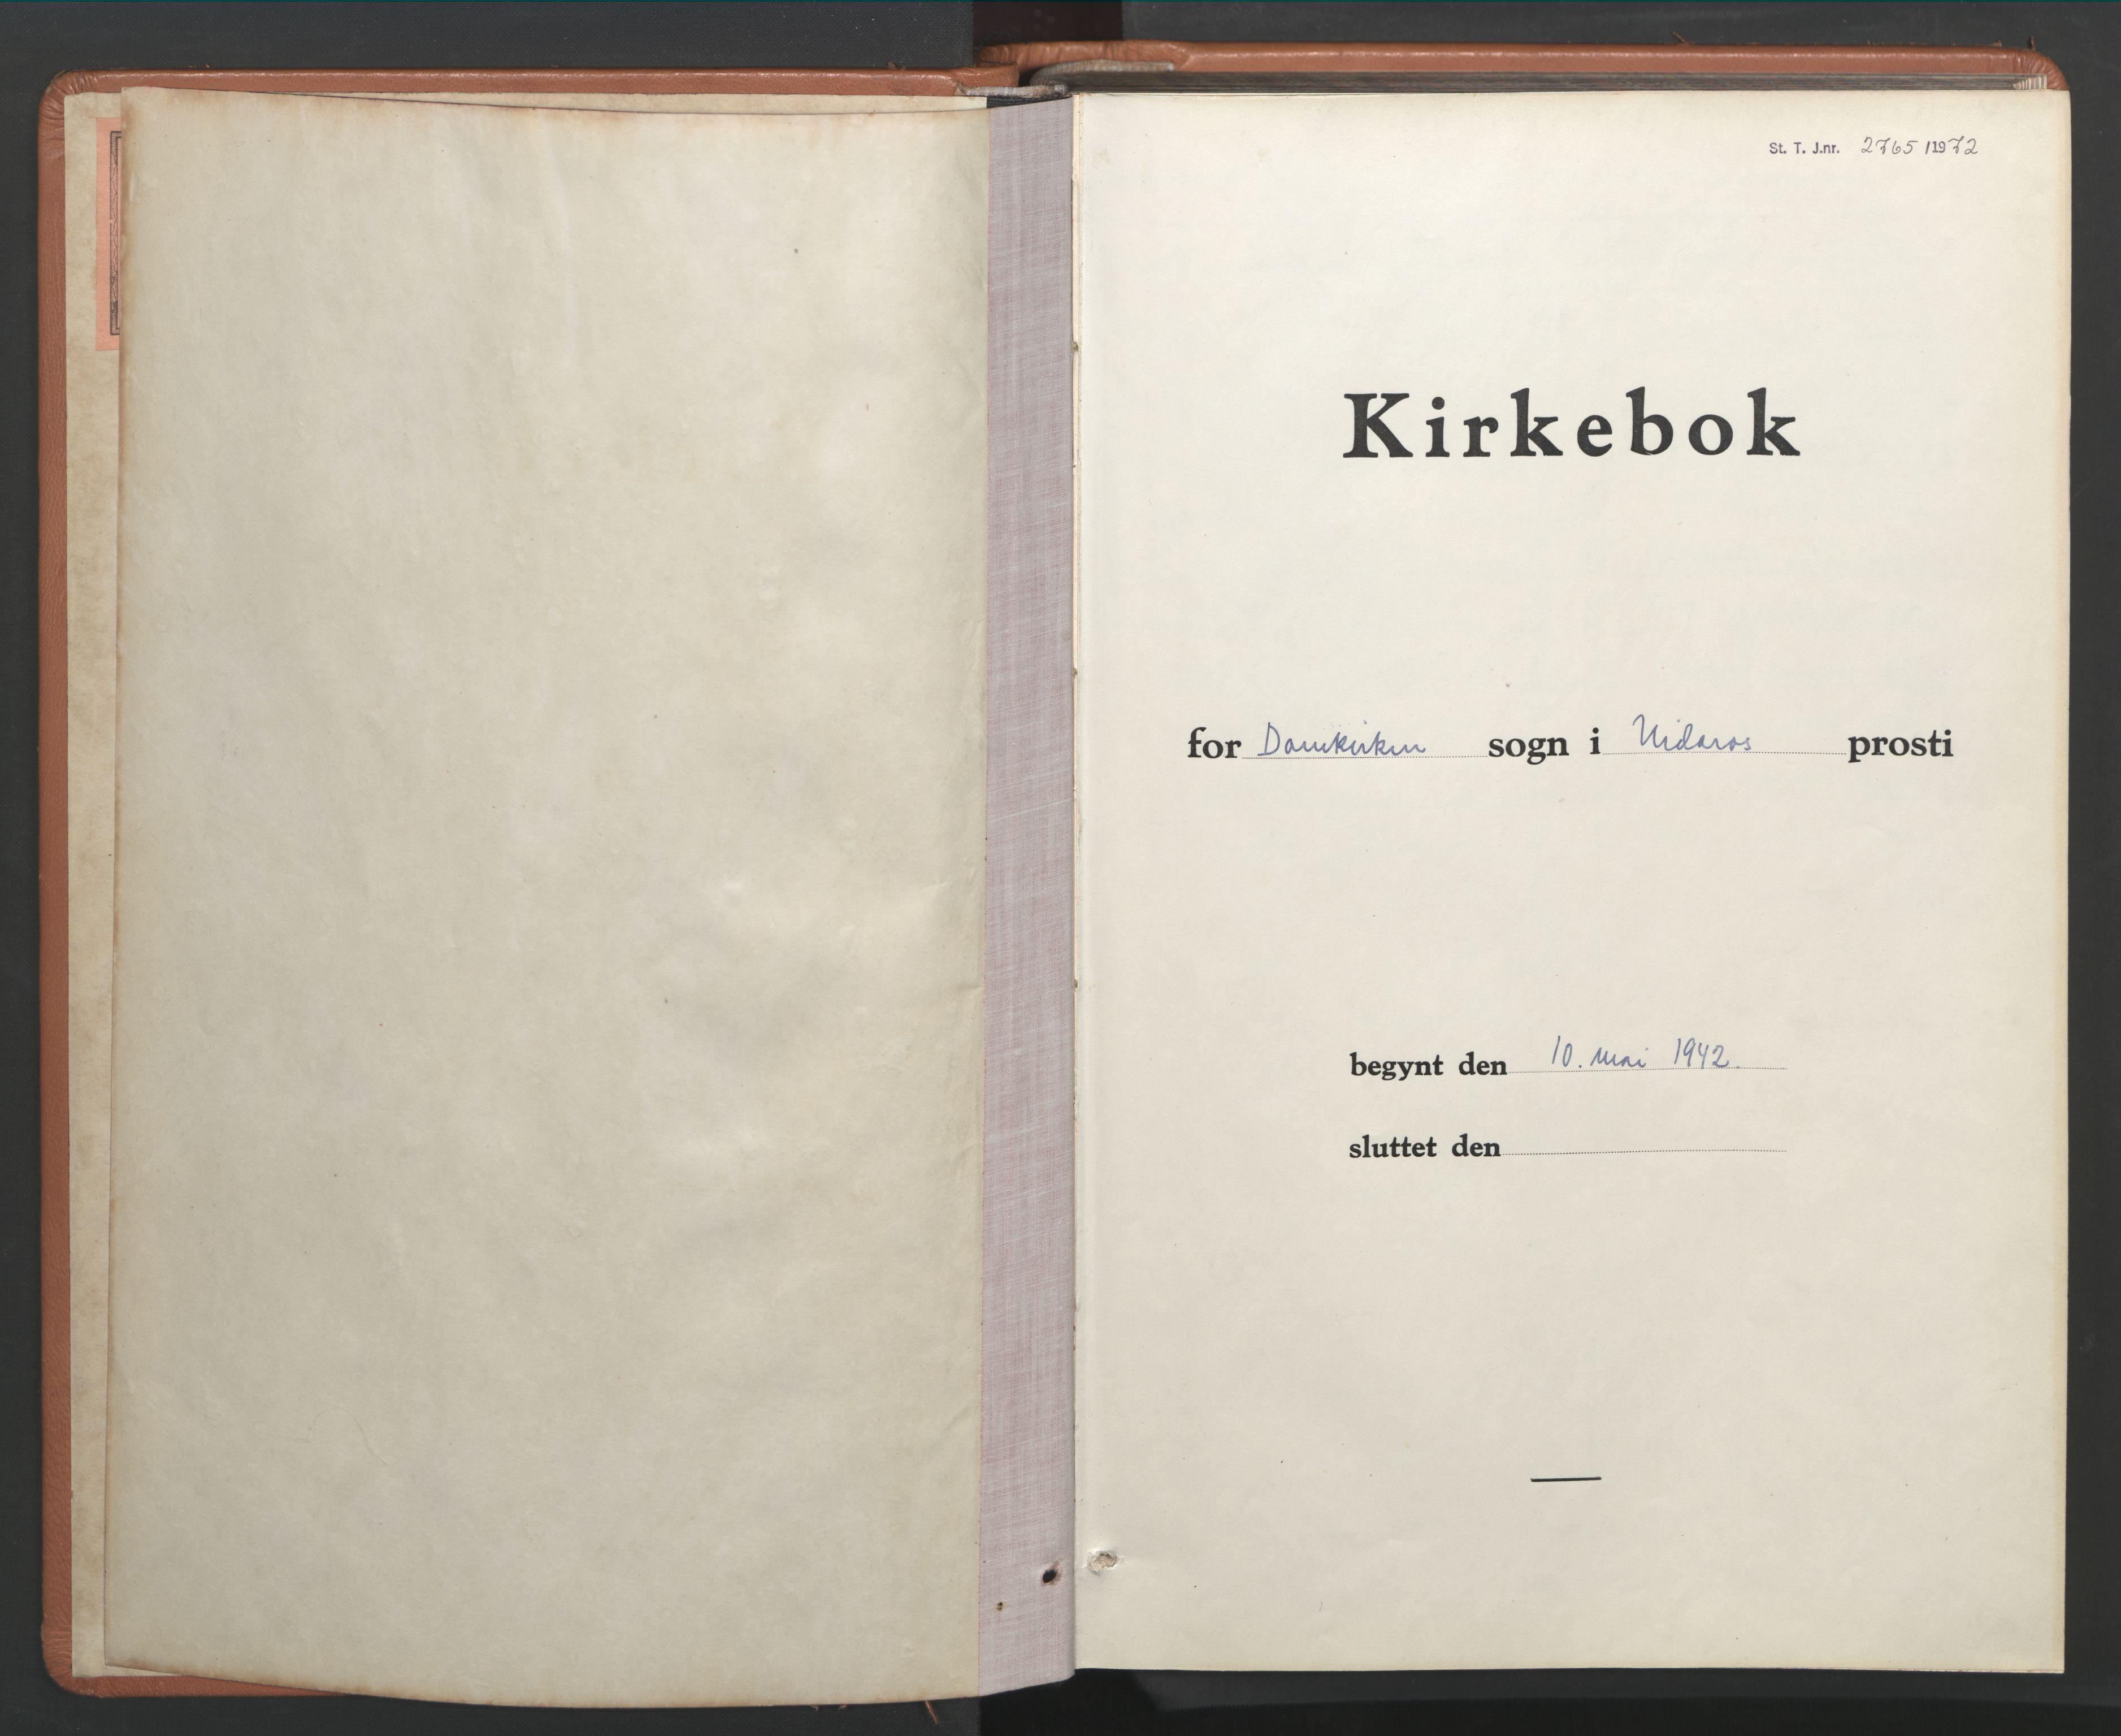 SAT, Ministerialprotokoller, klokkerbøker og fødselsregistre - Sør-Trøndelag, 601/L0102: Klokkerbok nr. 601C20, 1942-1946